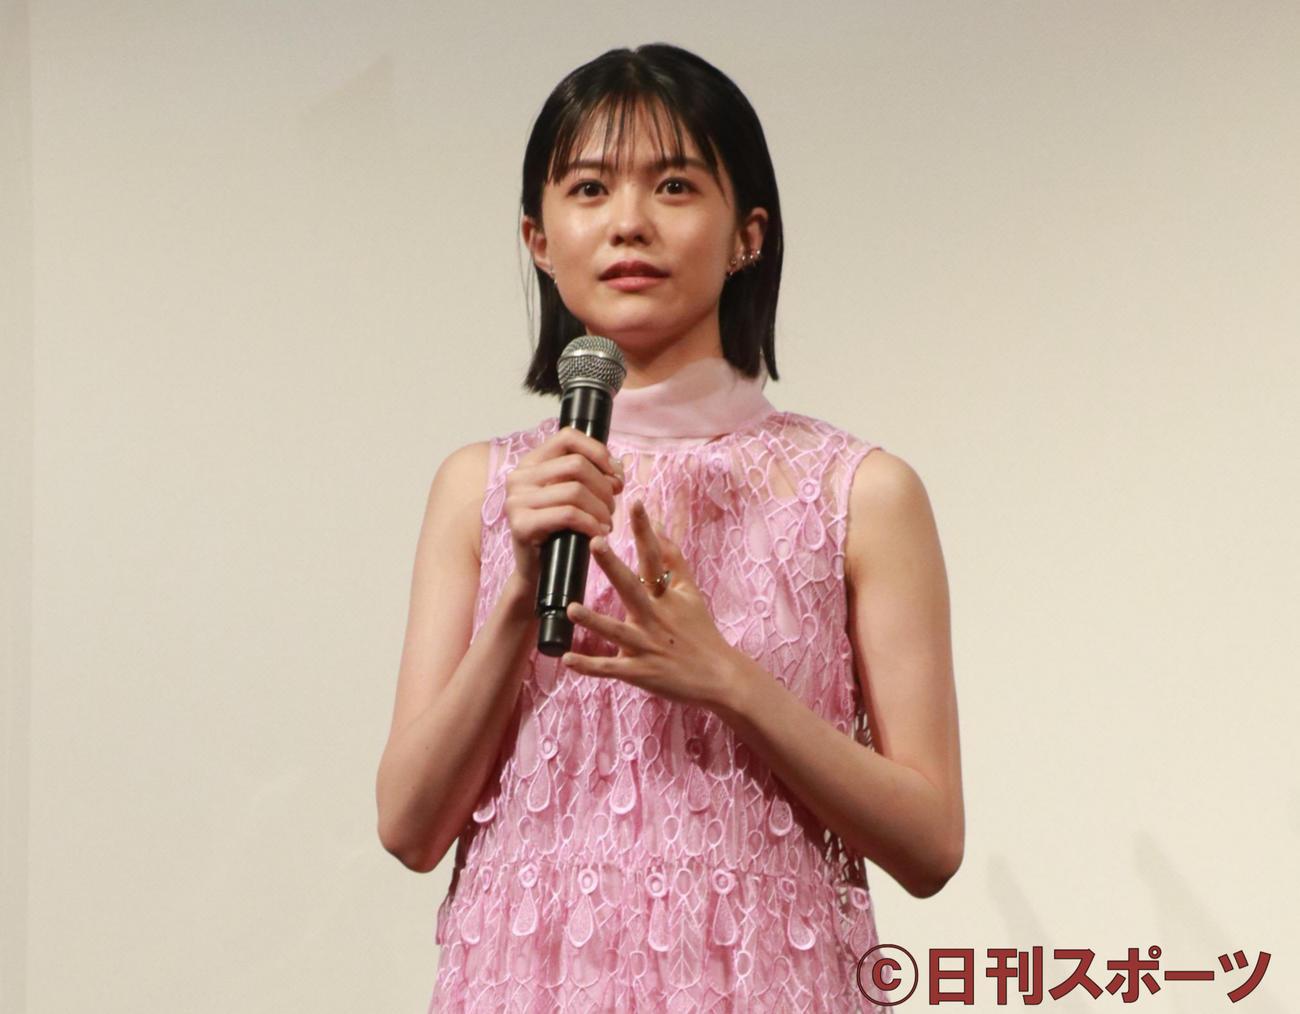 映画「かそけきサンカヨウ」完成報告会で笑顔を見せる志田彩良(撮影・勝部晃多)